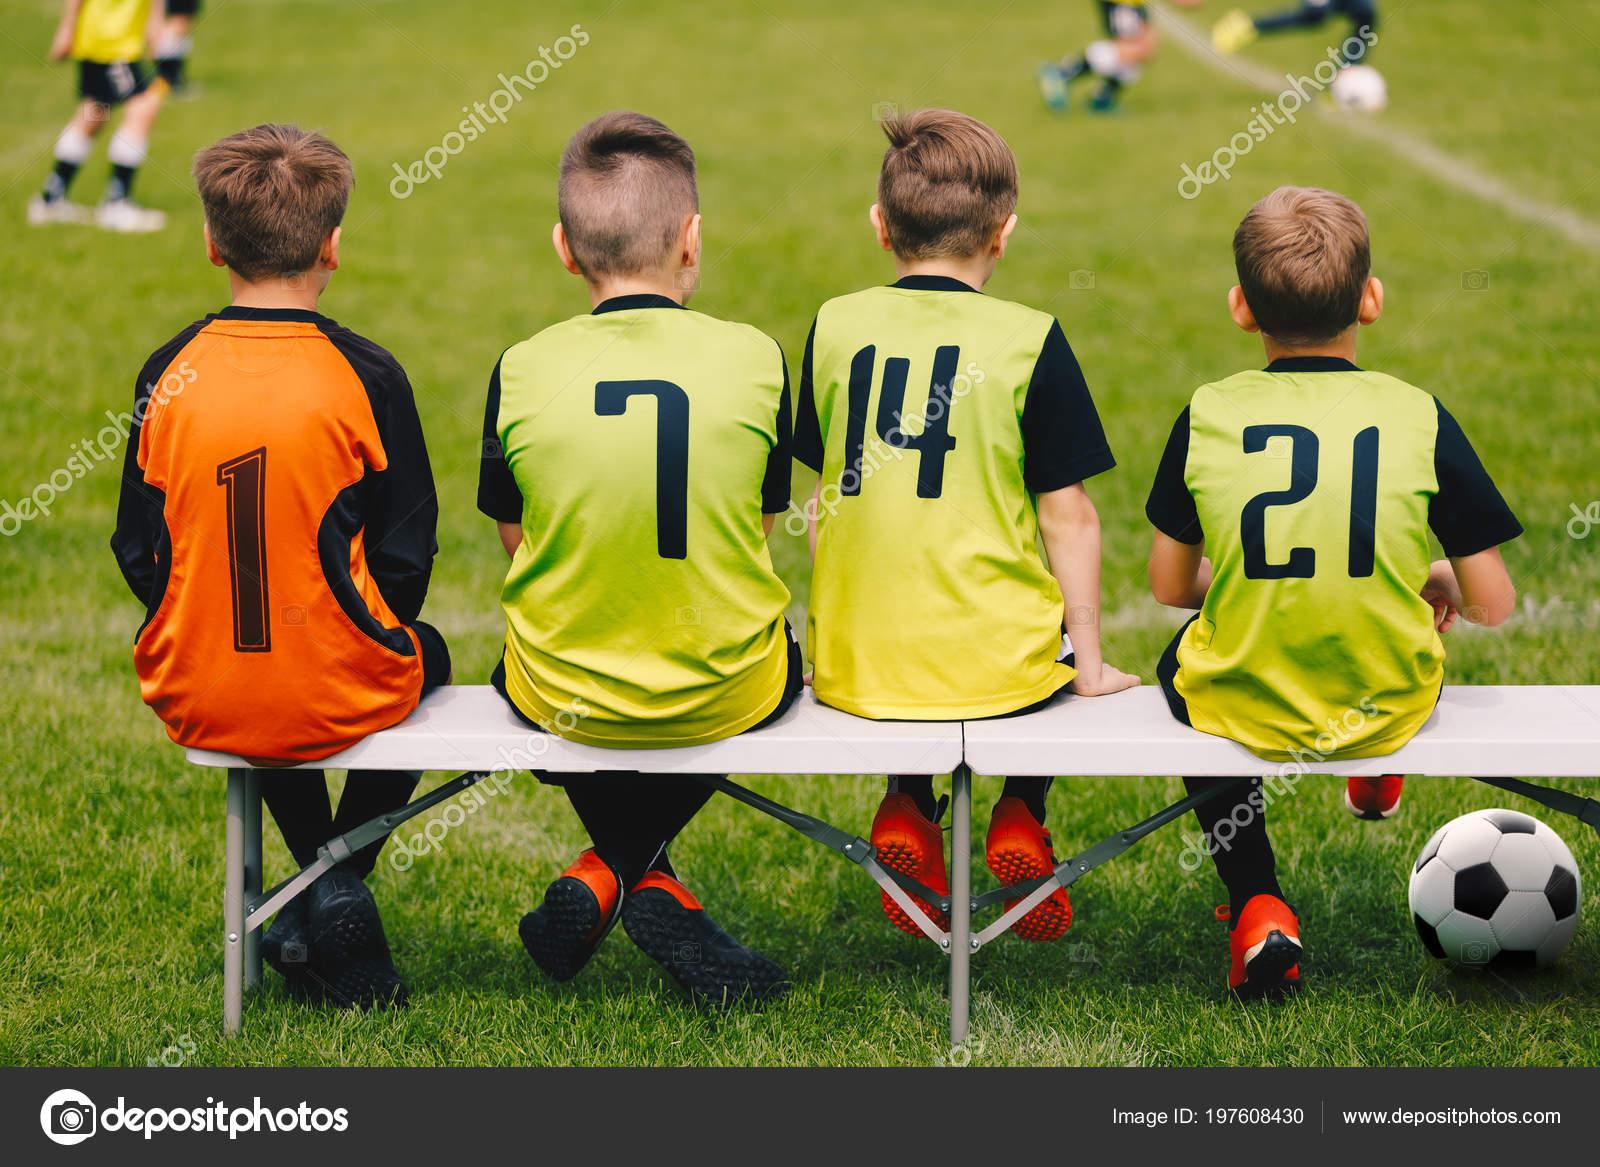 c54aa56bc11ee Equipo de fútbol de los niños sentados en un banco. Los jugadores del  equipo del balompié de los cabritos. Chicos con camisetas como un sustituto  de ...